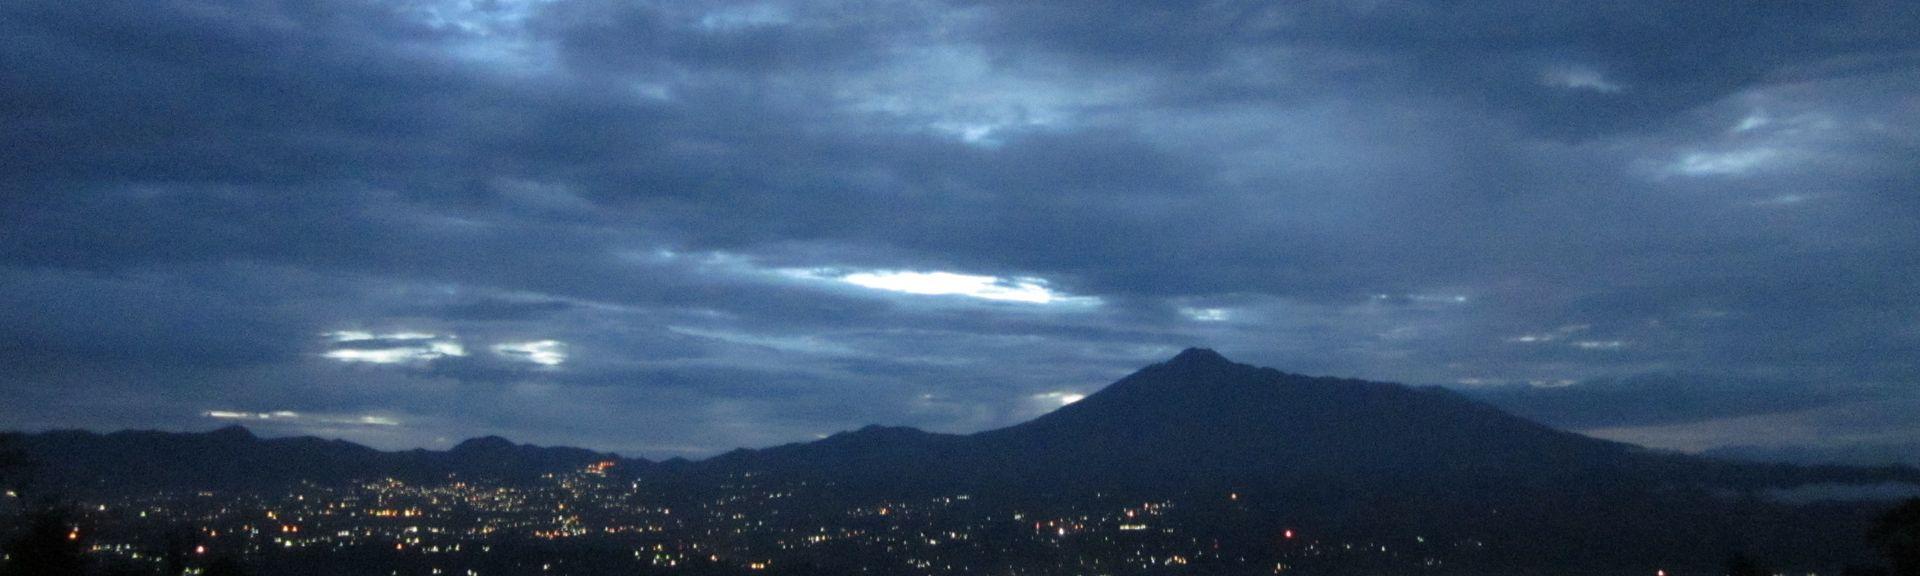 Sentul, Babakan Madang, Bogor, West Java, Indonesia